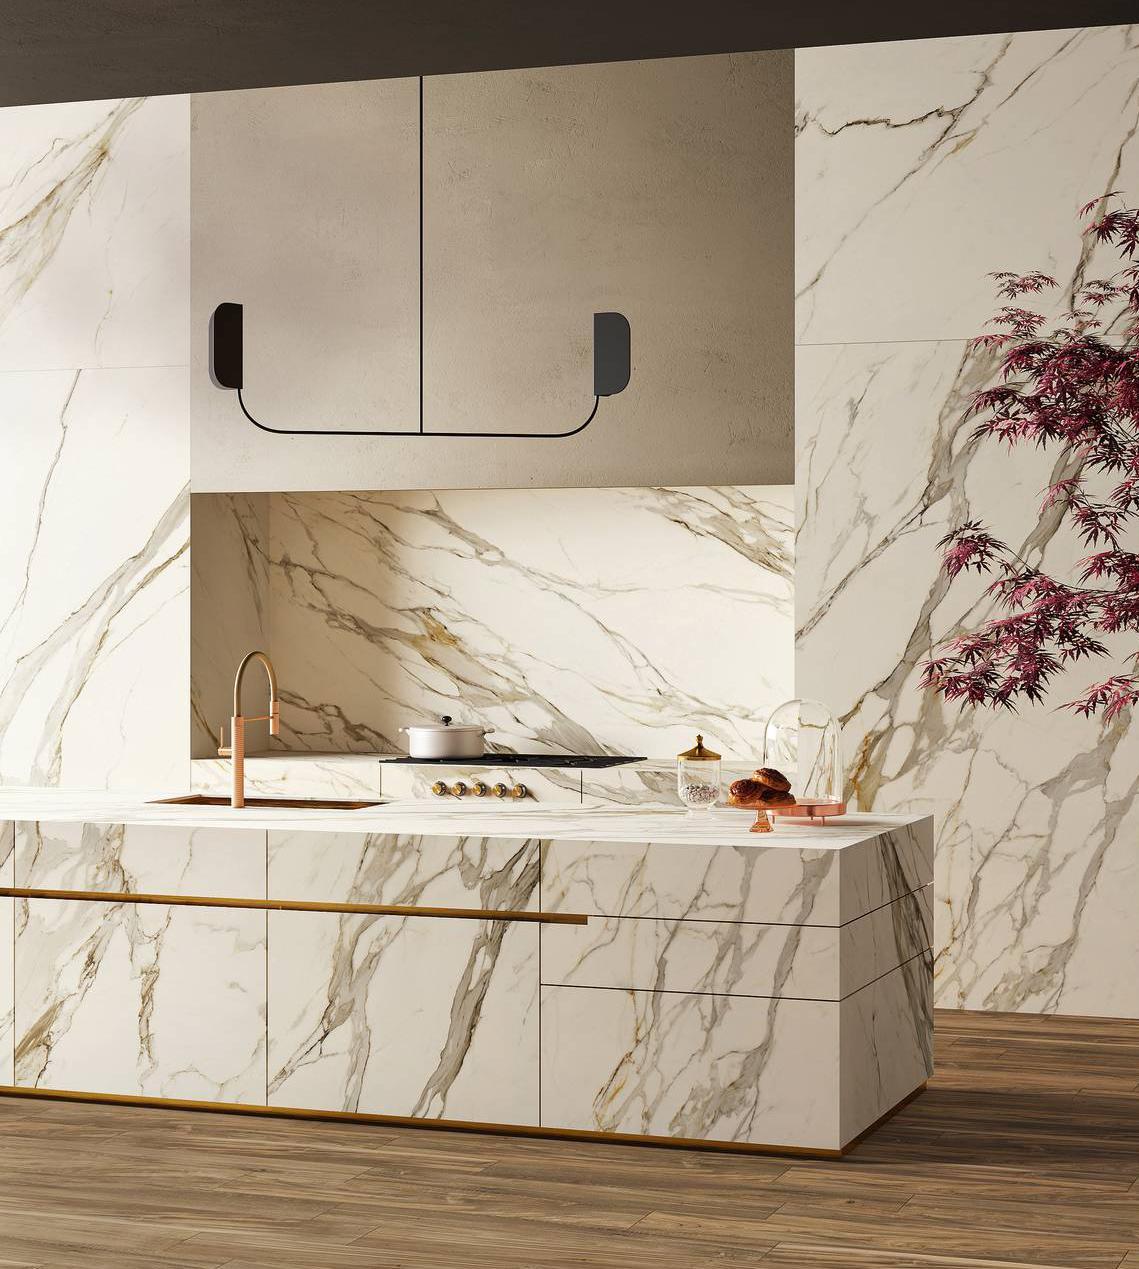 Piastrelle Decorative Per Tavoli piastrelle per la cucina, resistenti e decorative - cose di casa